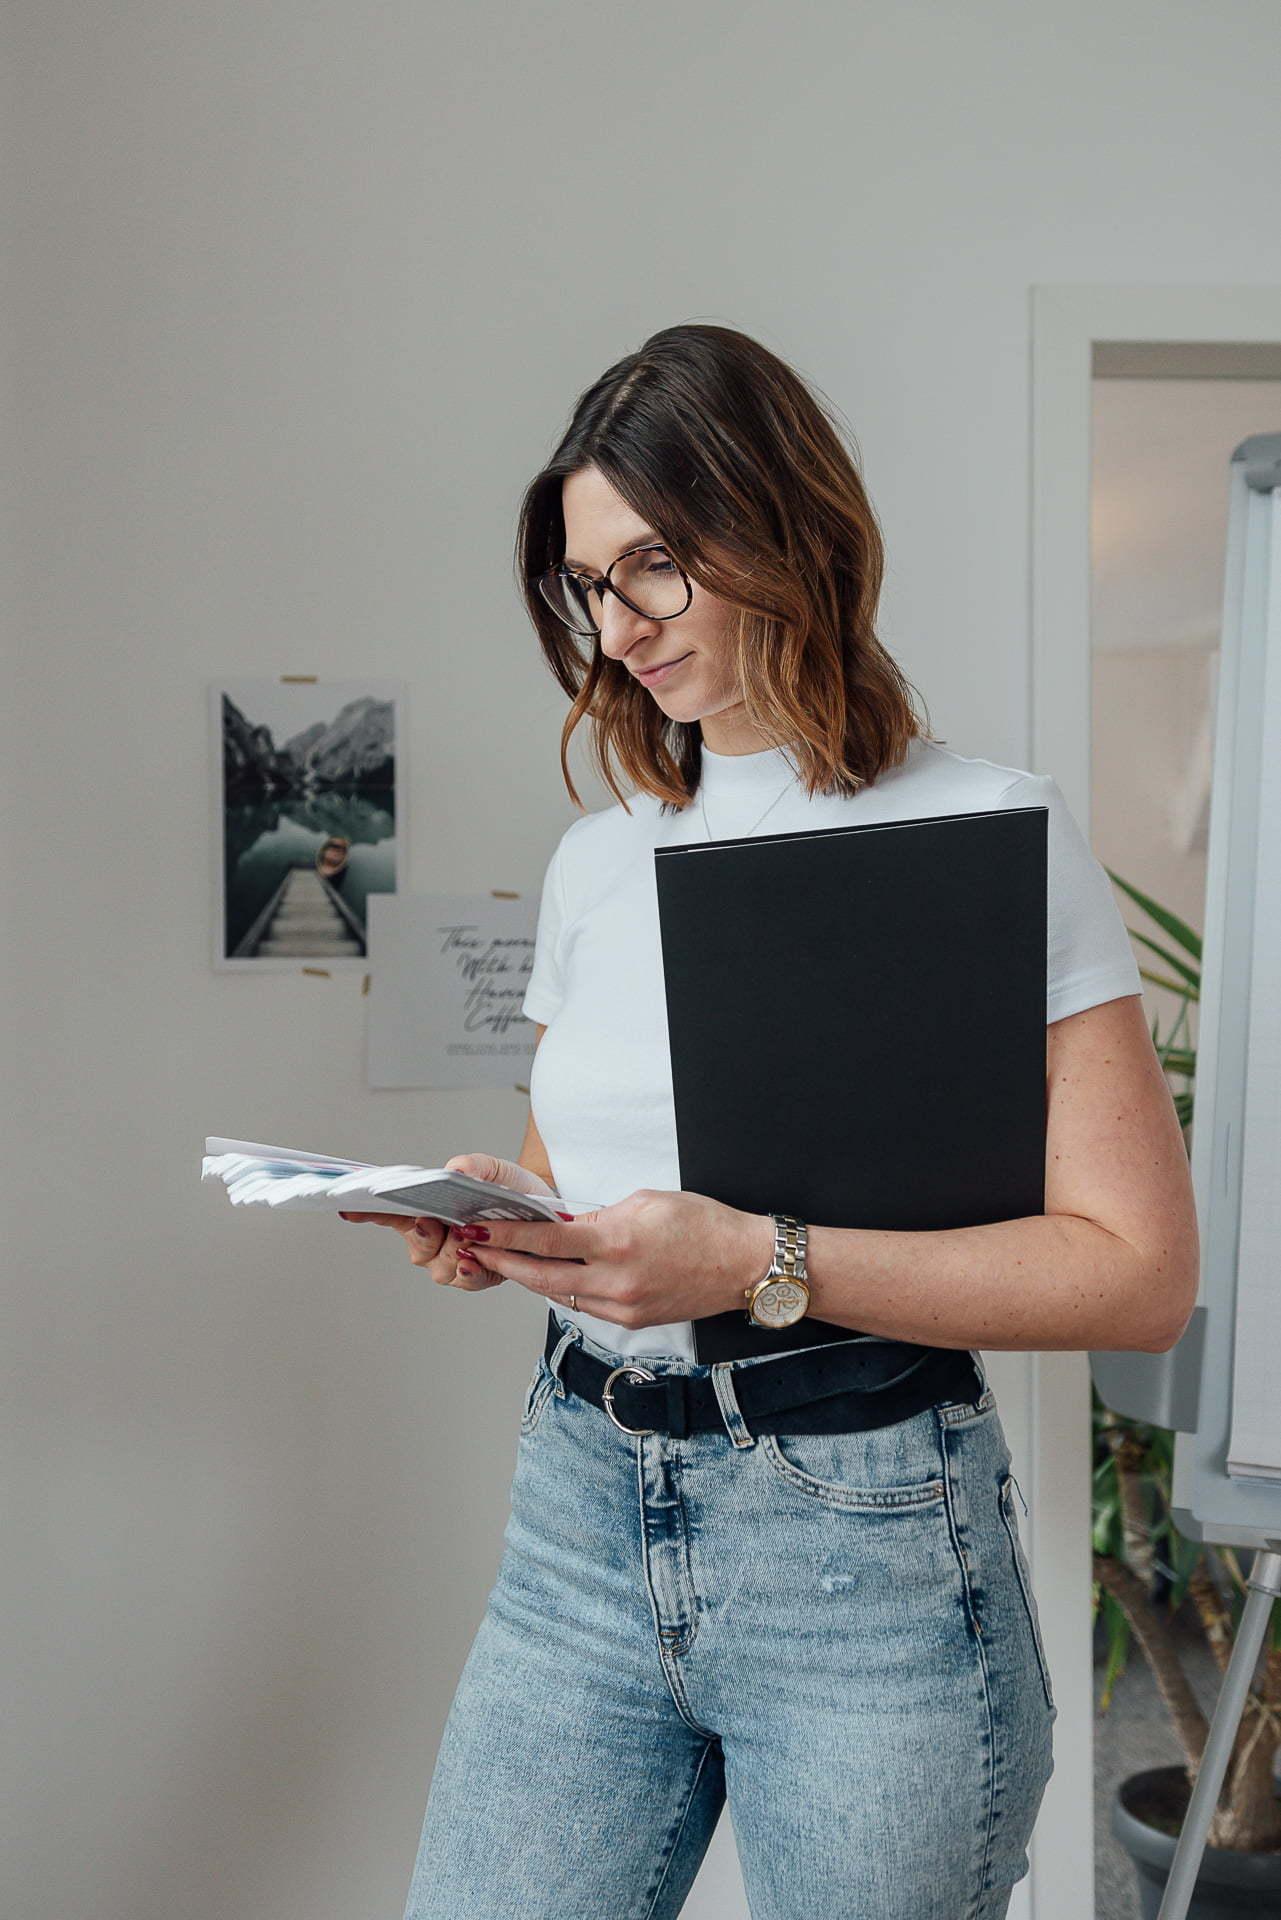 Frau steht während eines Personal Branding Fotoshootings vor einer Wand